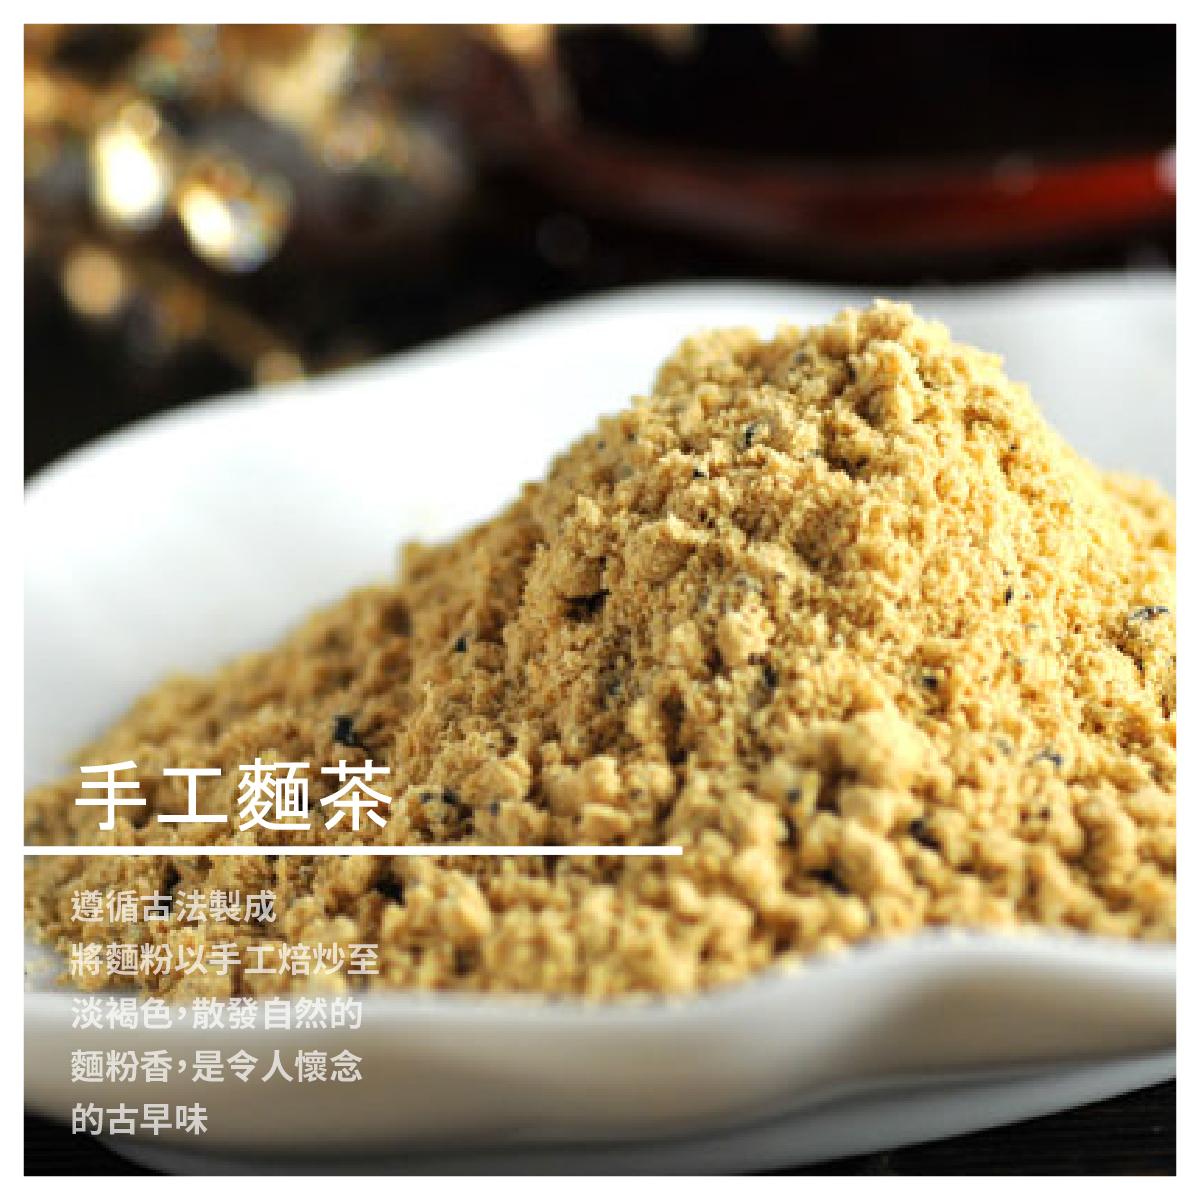 【蘭馨齋餅舖】鹿港民俗茶點 手工麵茶 杏仁 奶素 / 油蔥 葷